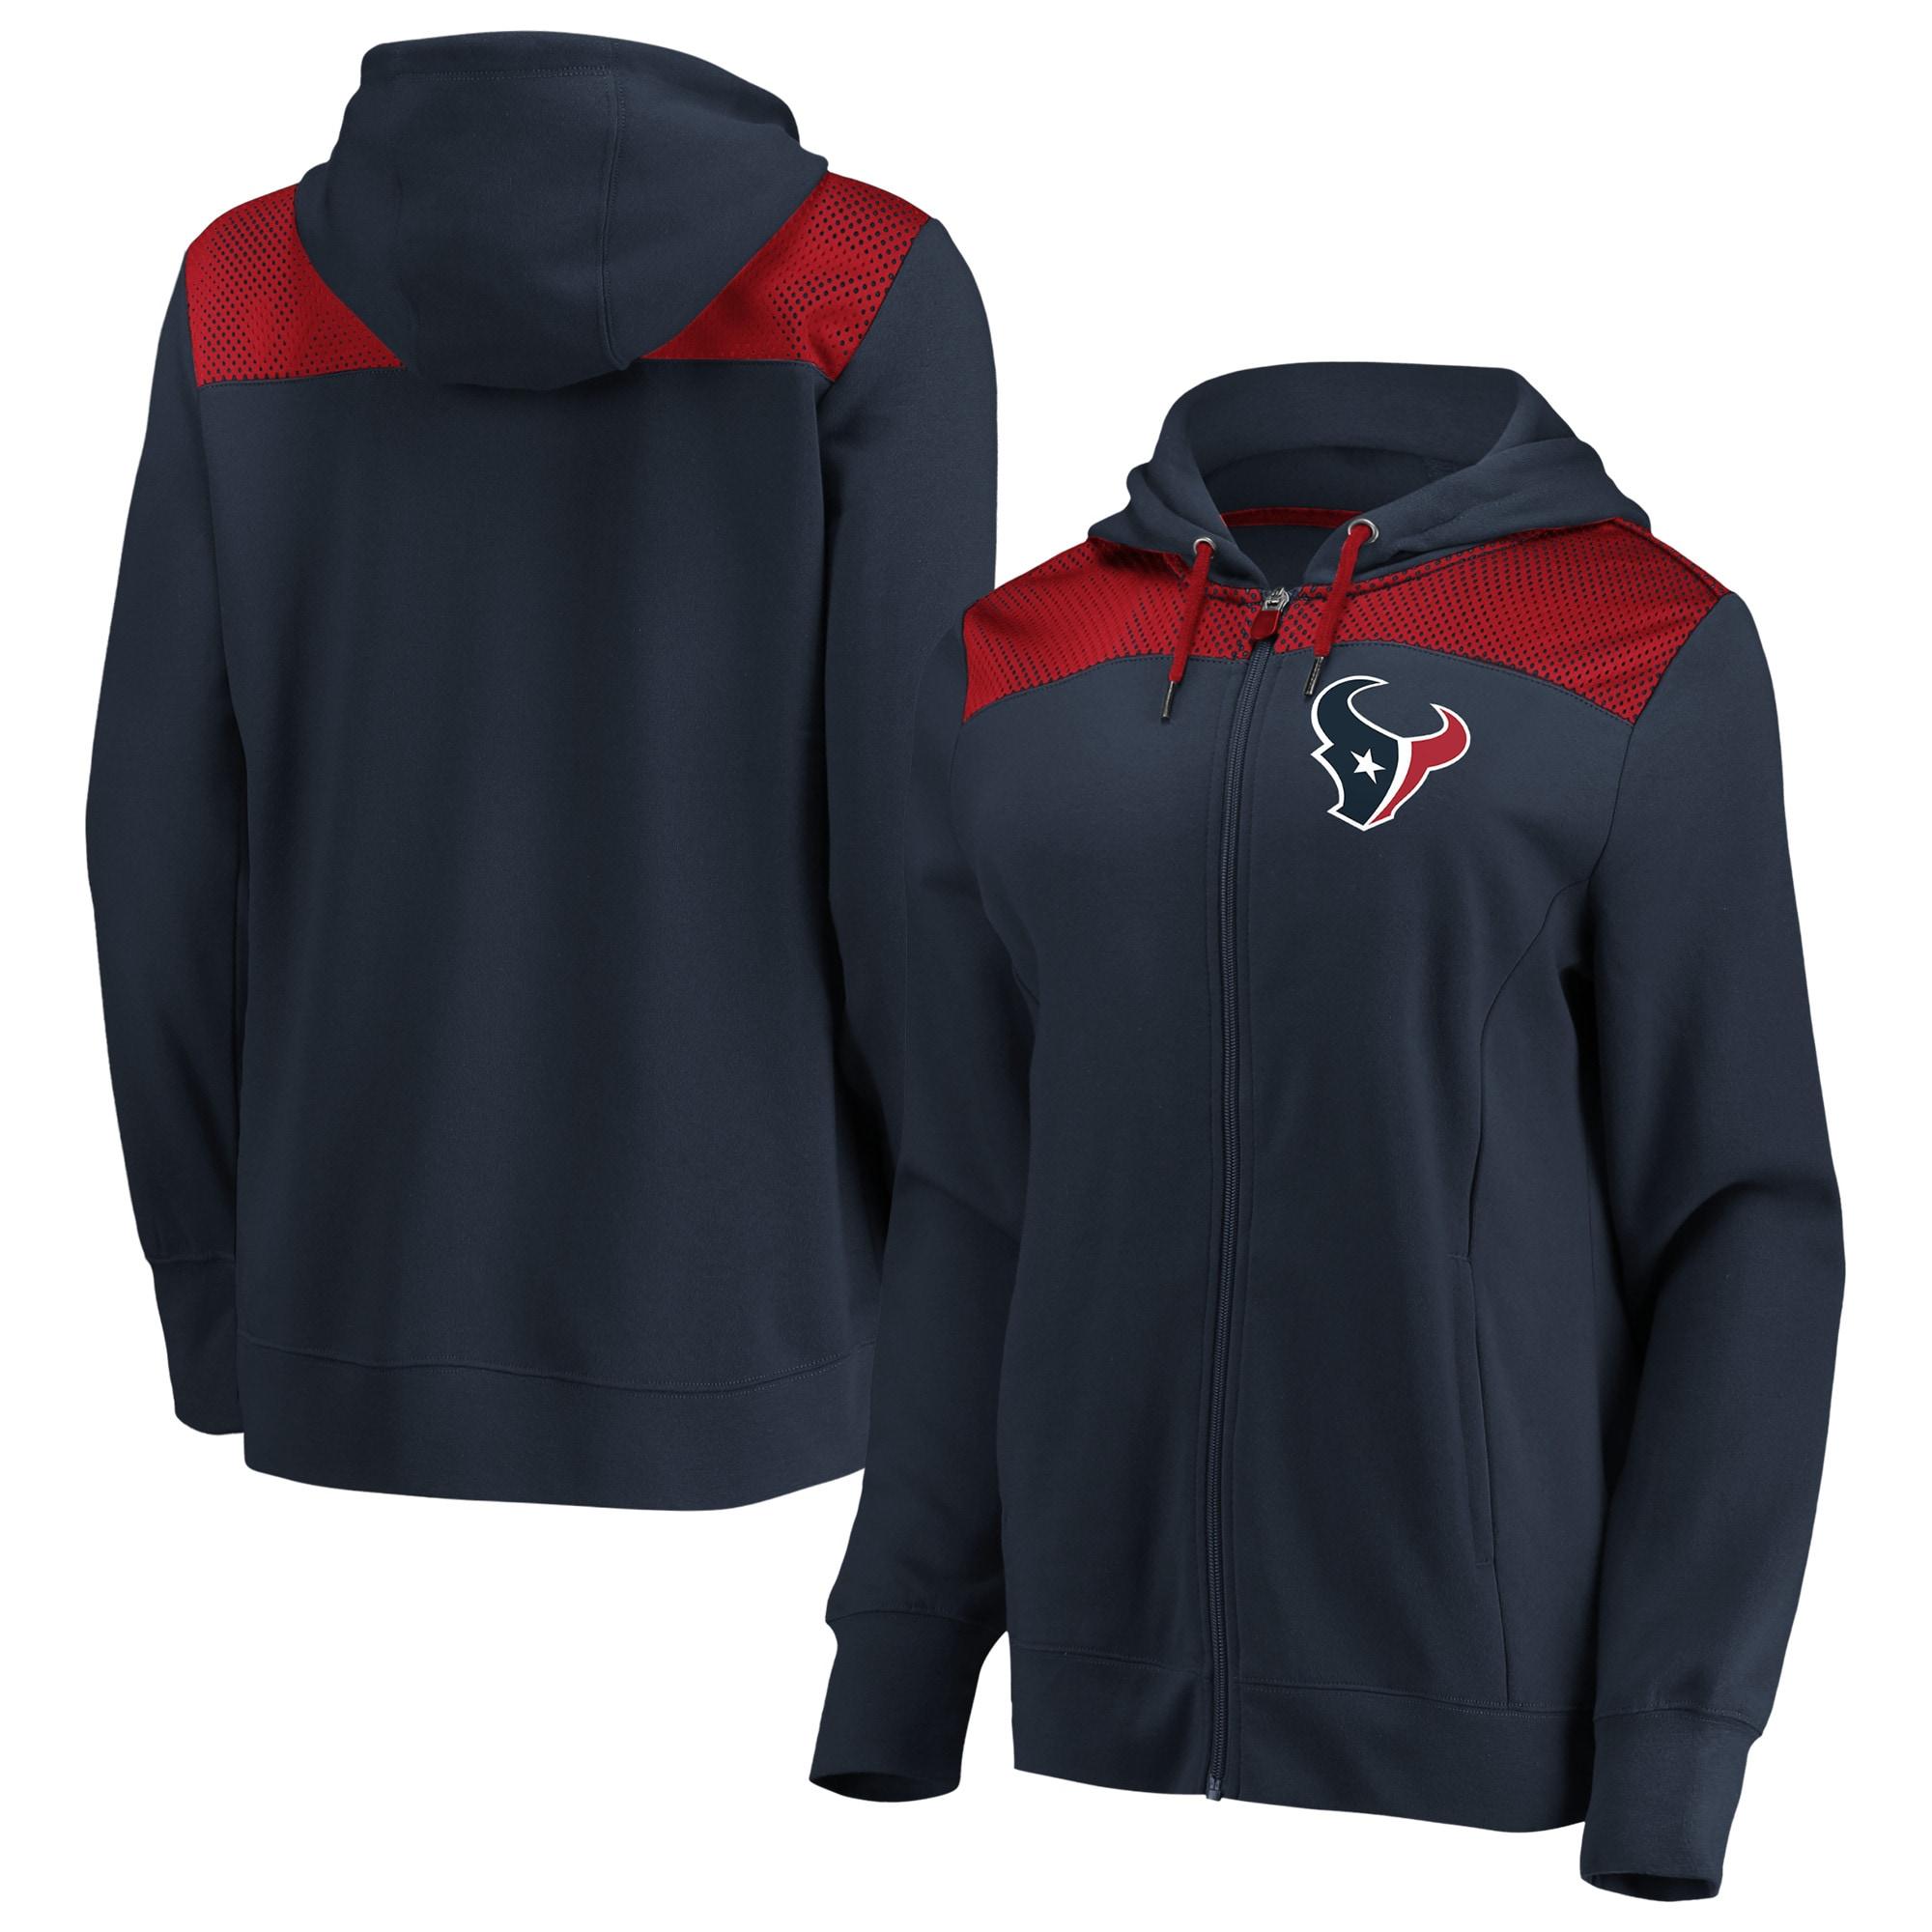 Houston Texans Fanatics Branded Women's Team Best Full-Zip Hoodie - Navy